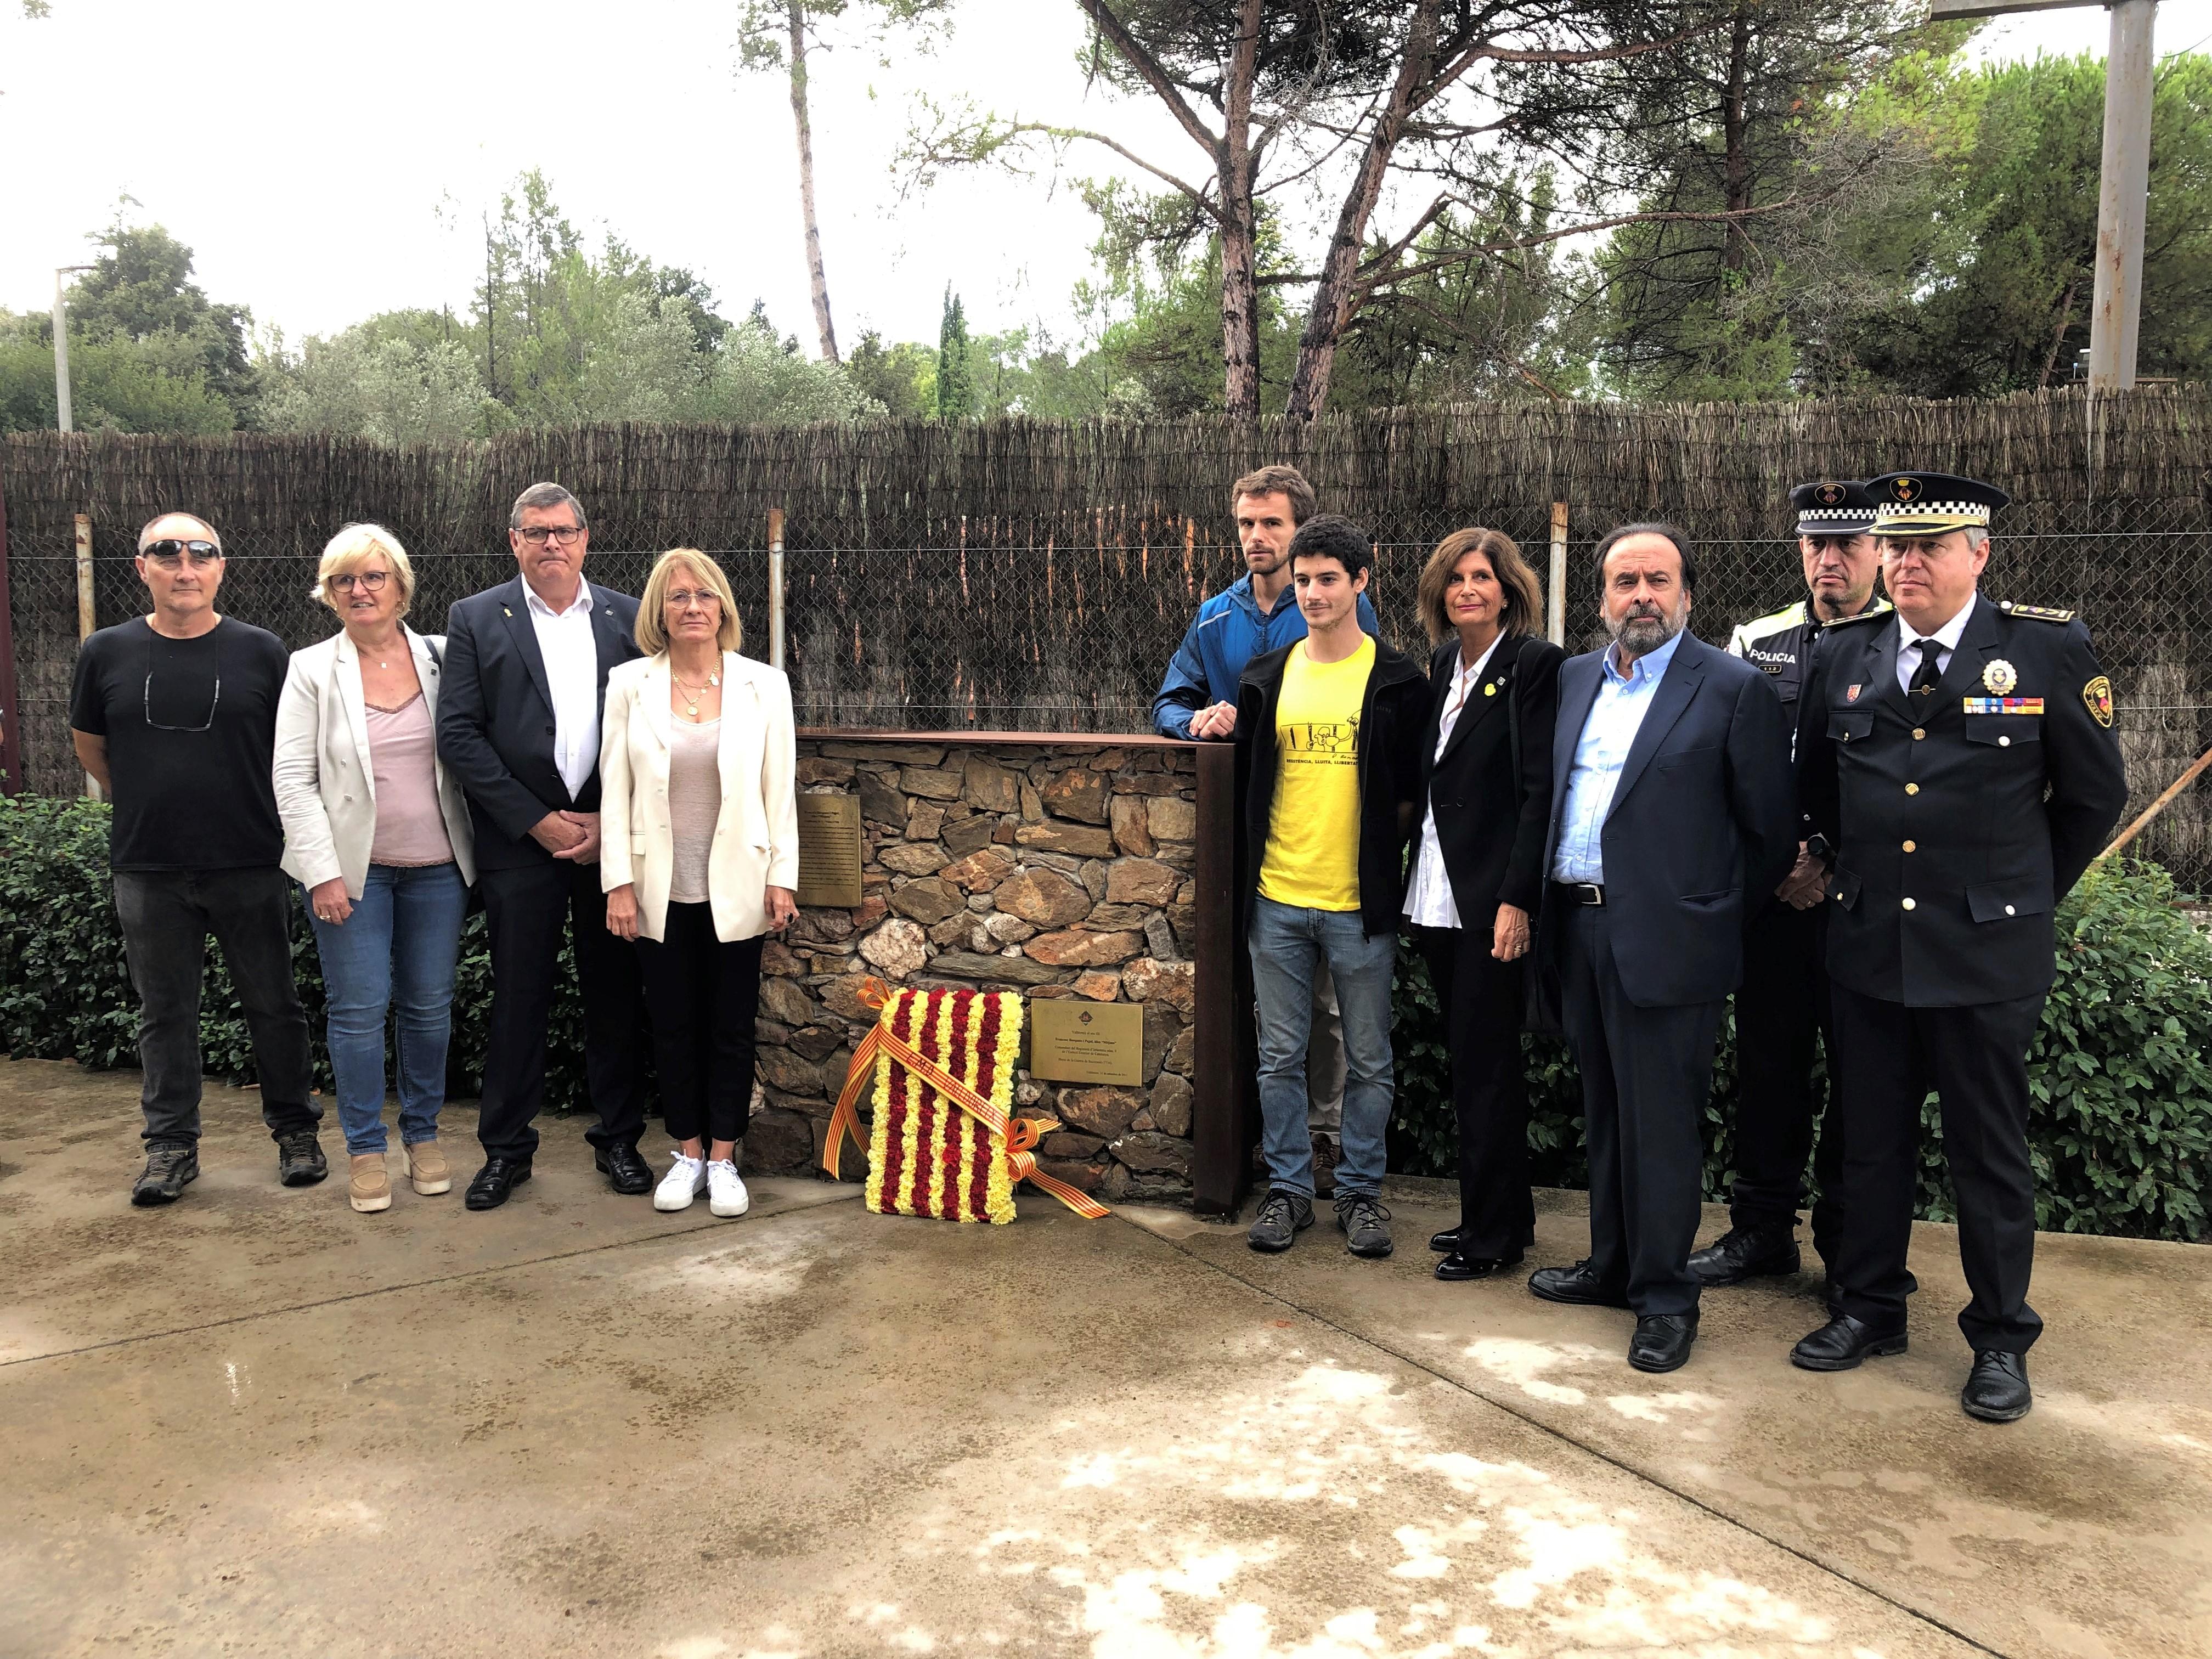 Josep Puig apel·la a 'mantenir l'esperit del 1714 per lluitar contra el setges moderns' durant els actes de la Diada a Valldoreix